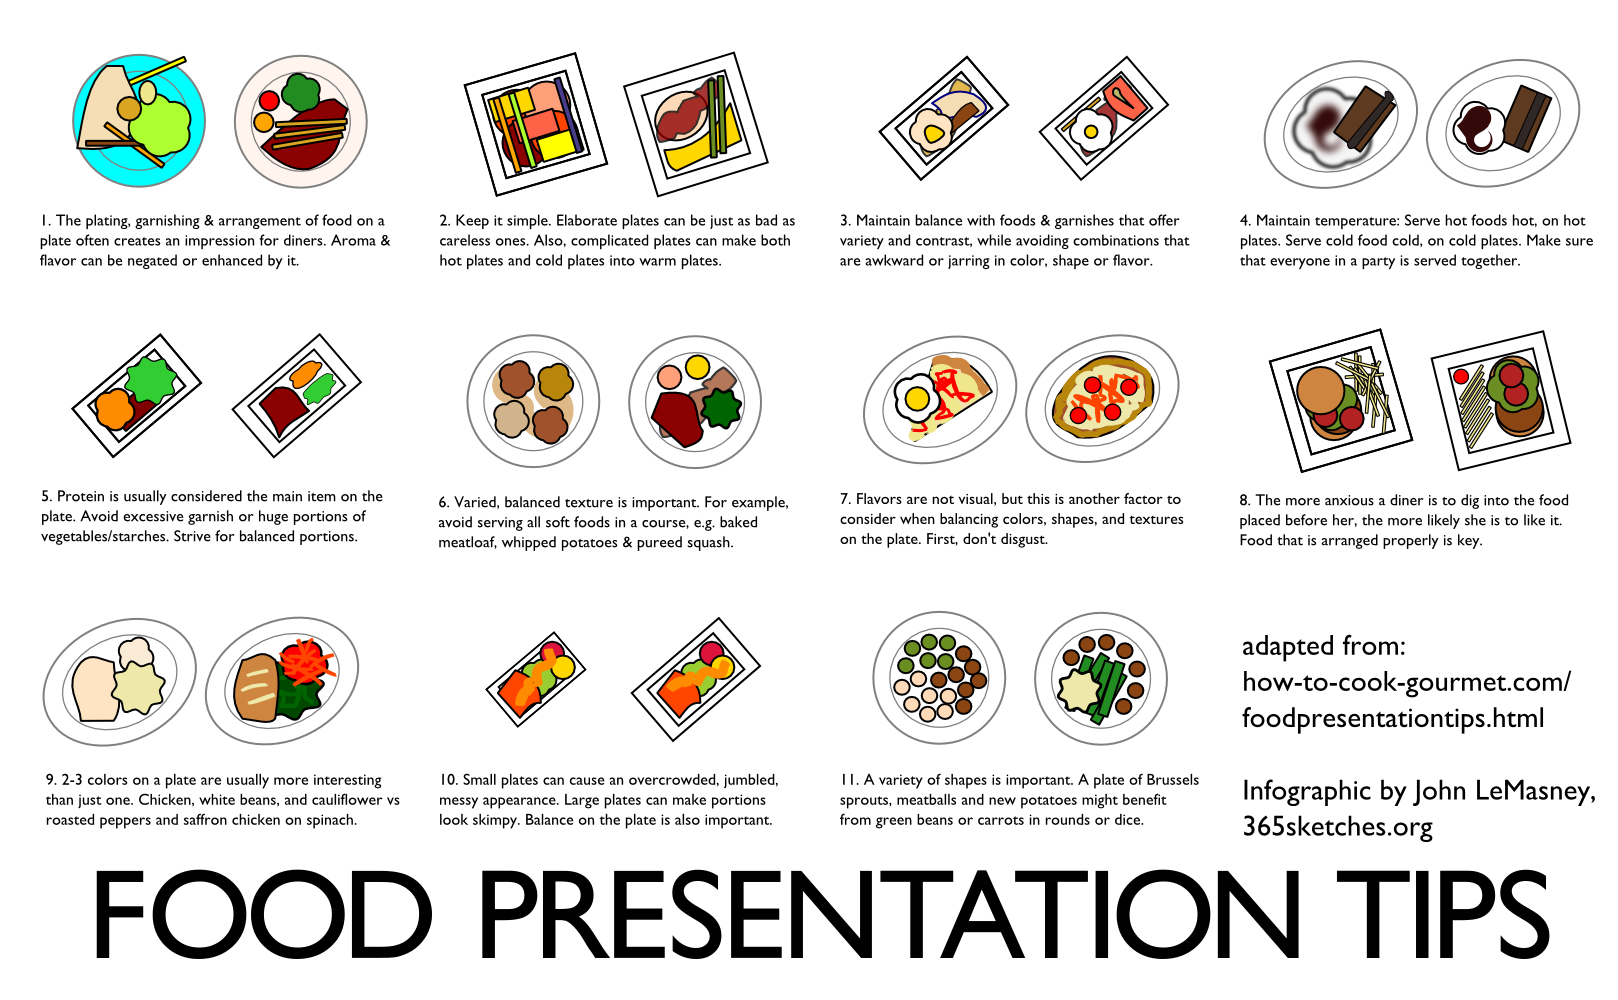 3 poster design tips - Food Presentation Tips